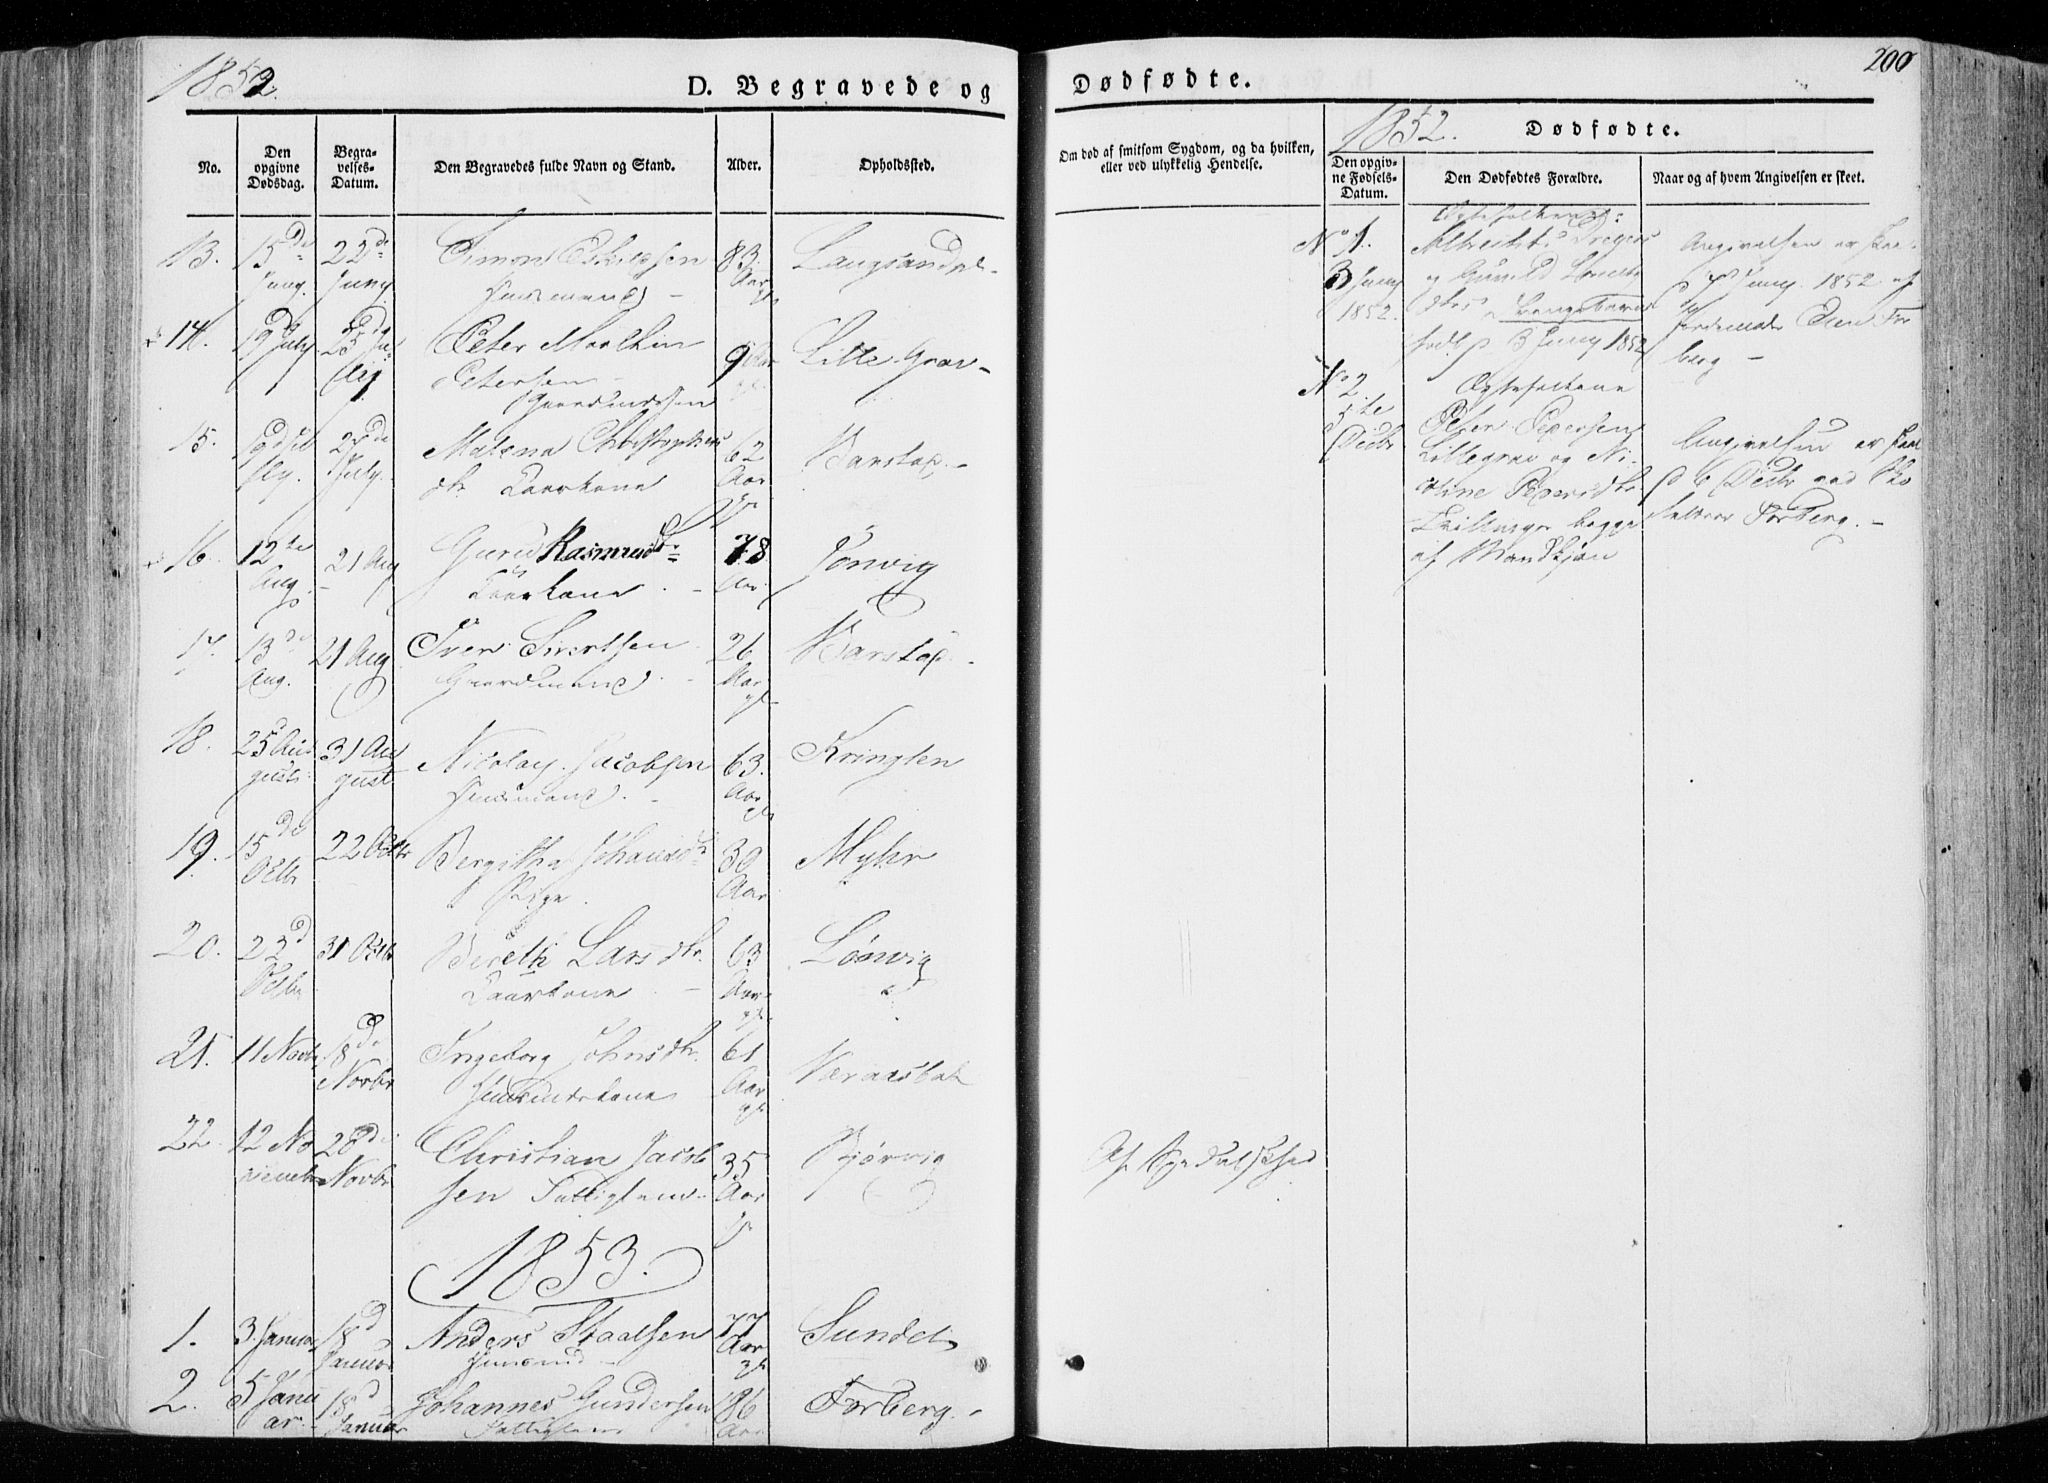 SAT, Ministerialprotokoller, klokkerbøker og fødselsregistre - Nord-Trøndelag, 722/L0218: Ministerialbok nr. 722A05, 1843-1868, s. 200